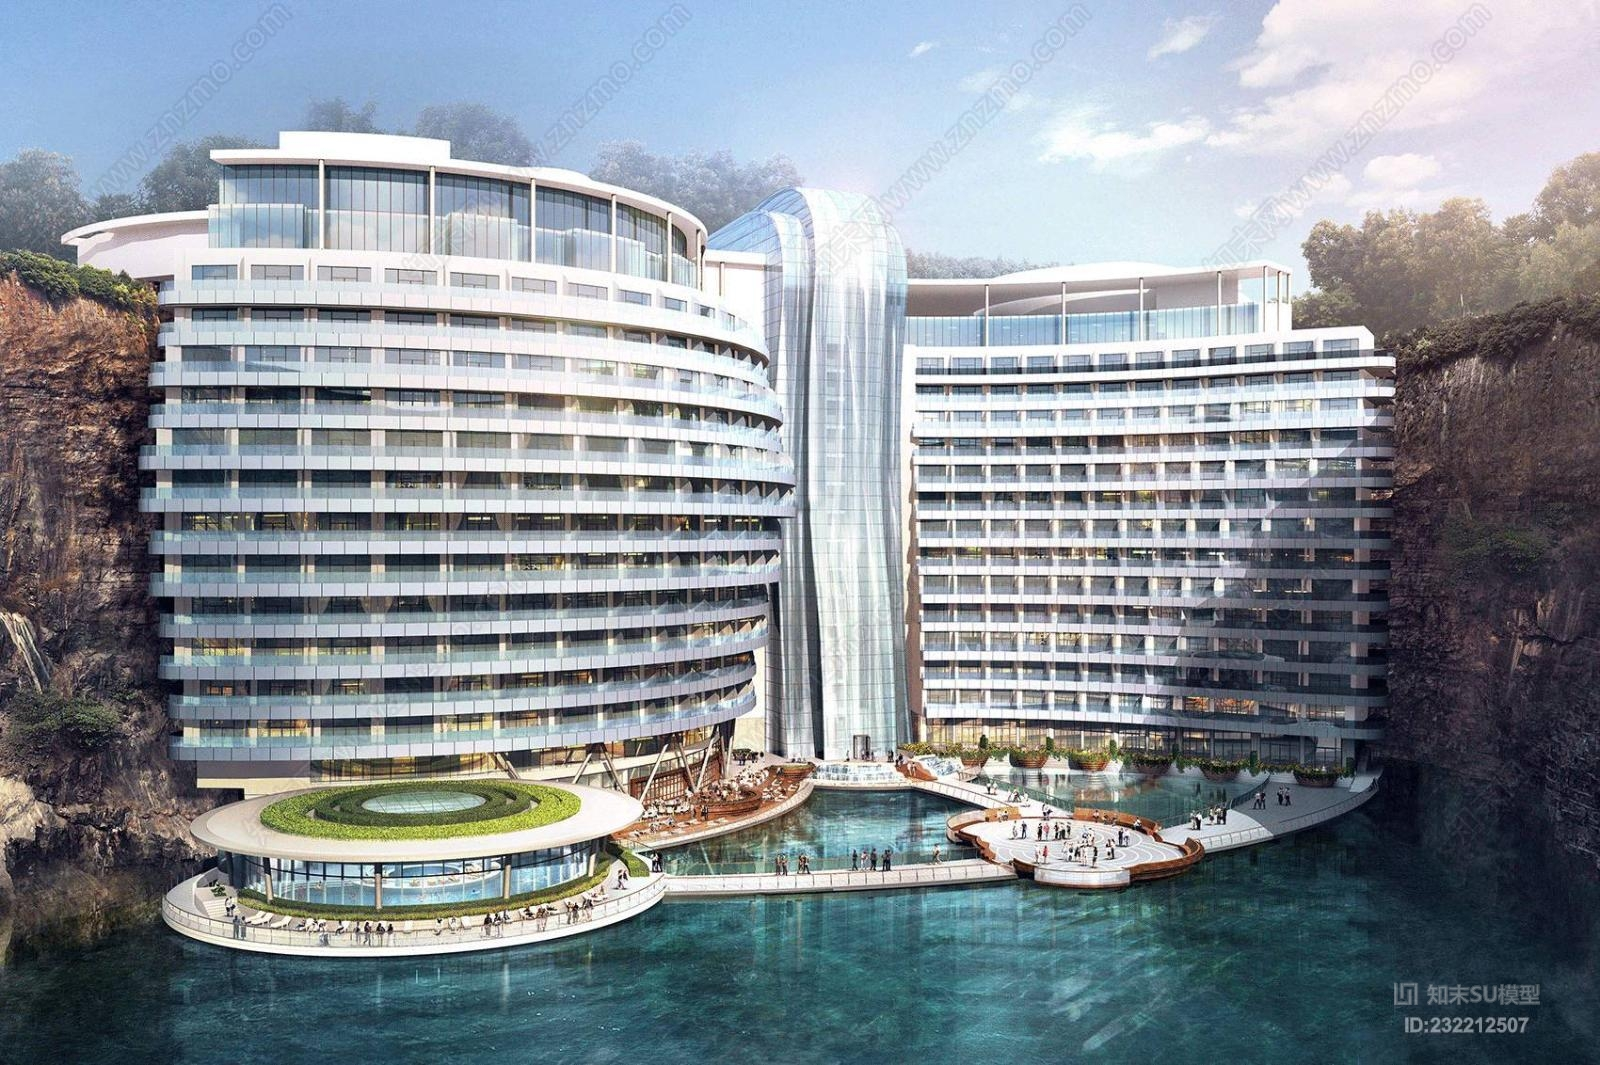 上海世茂深坑洲际酒店 含效果图su模型 施工图 平面彩图 考察实景大厦 建筑